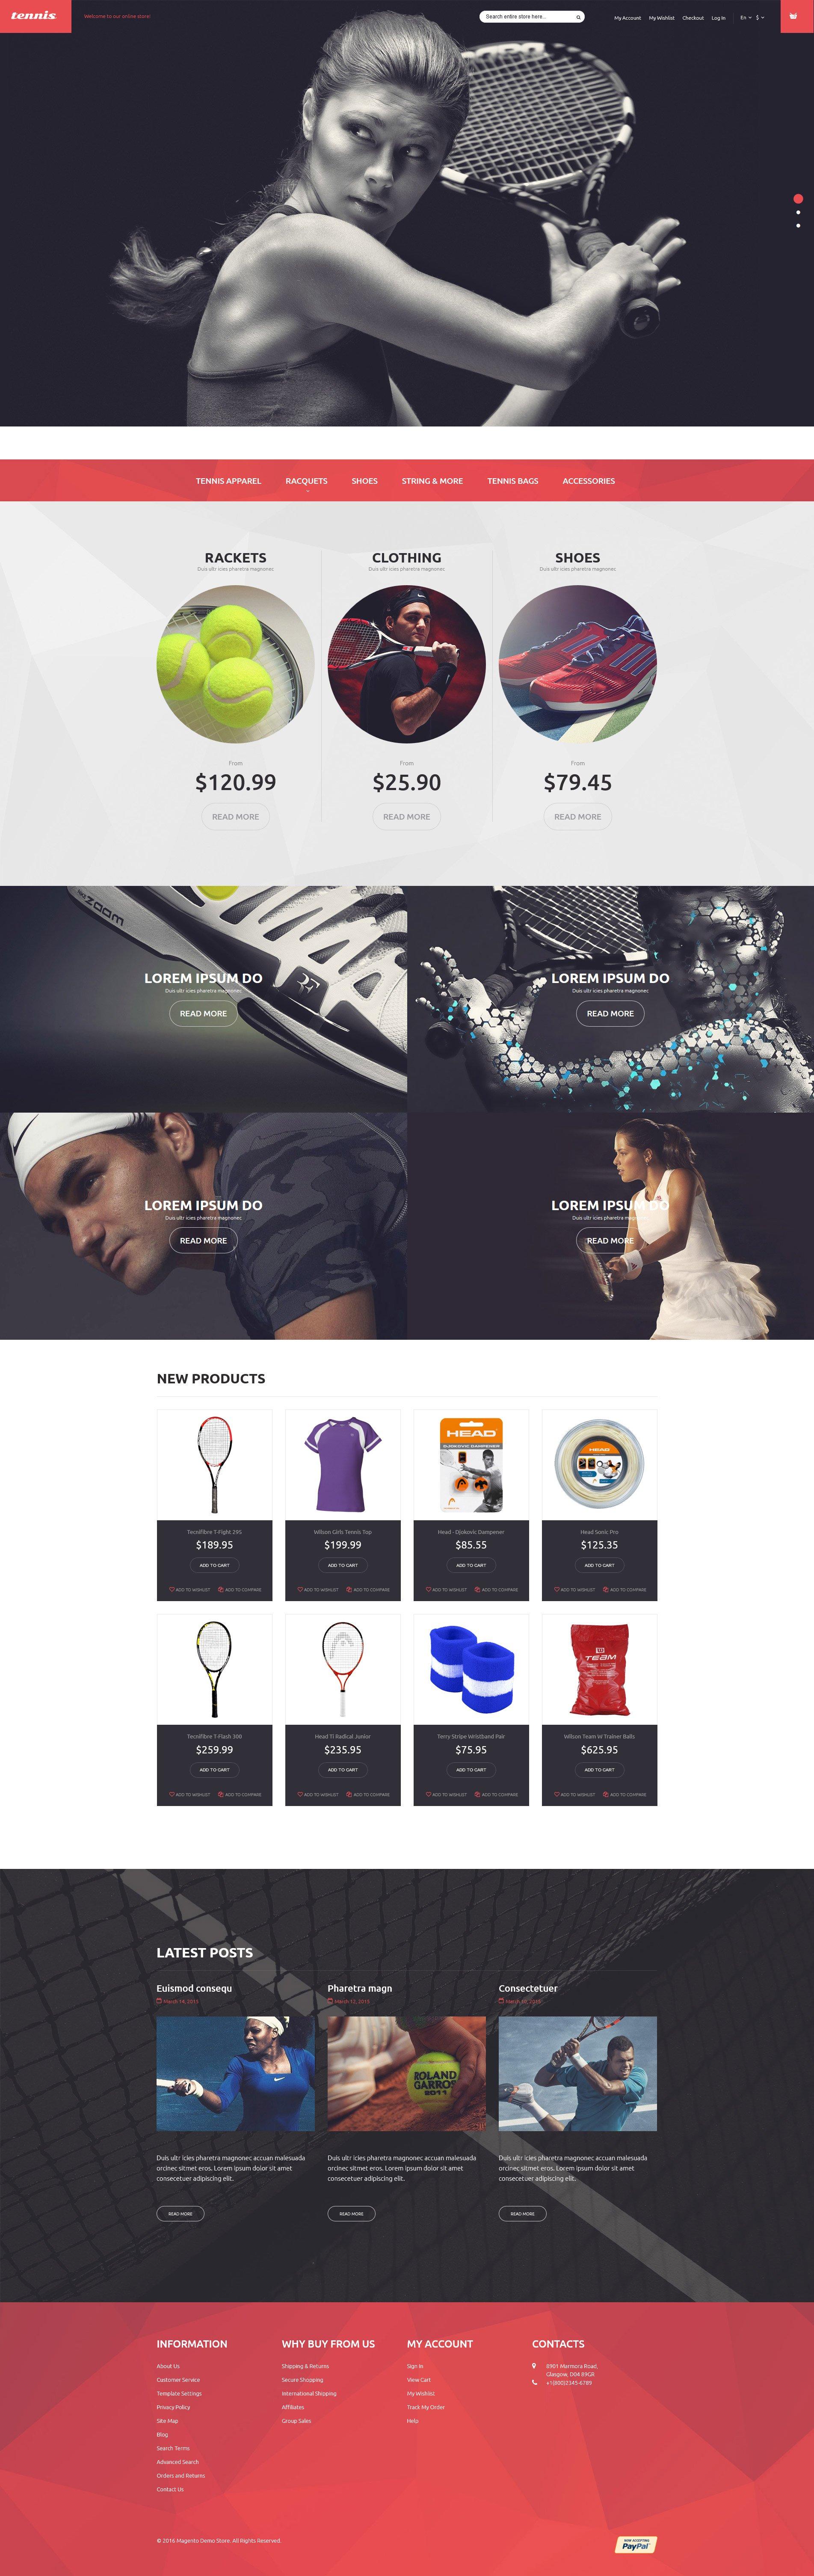 Tennis Equipment Magento Theme - screenshot